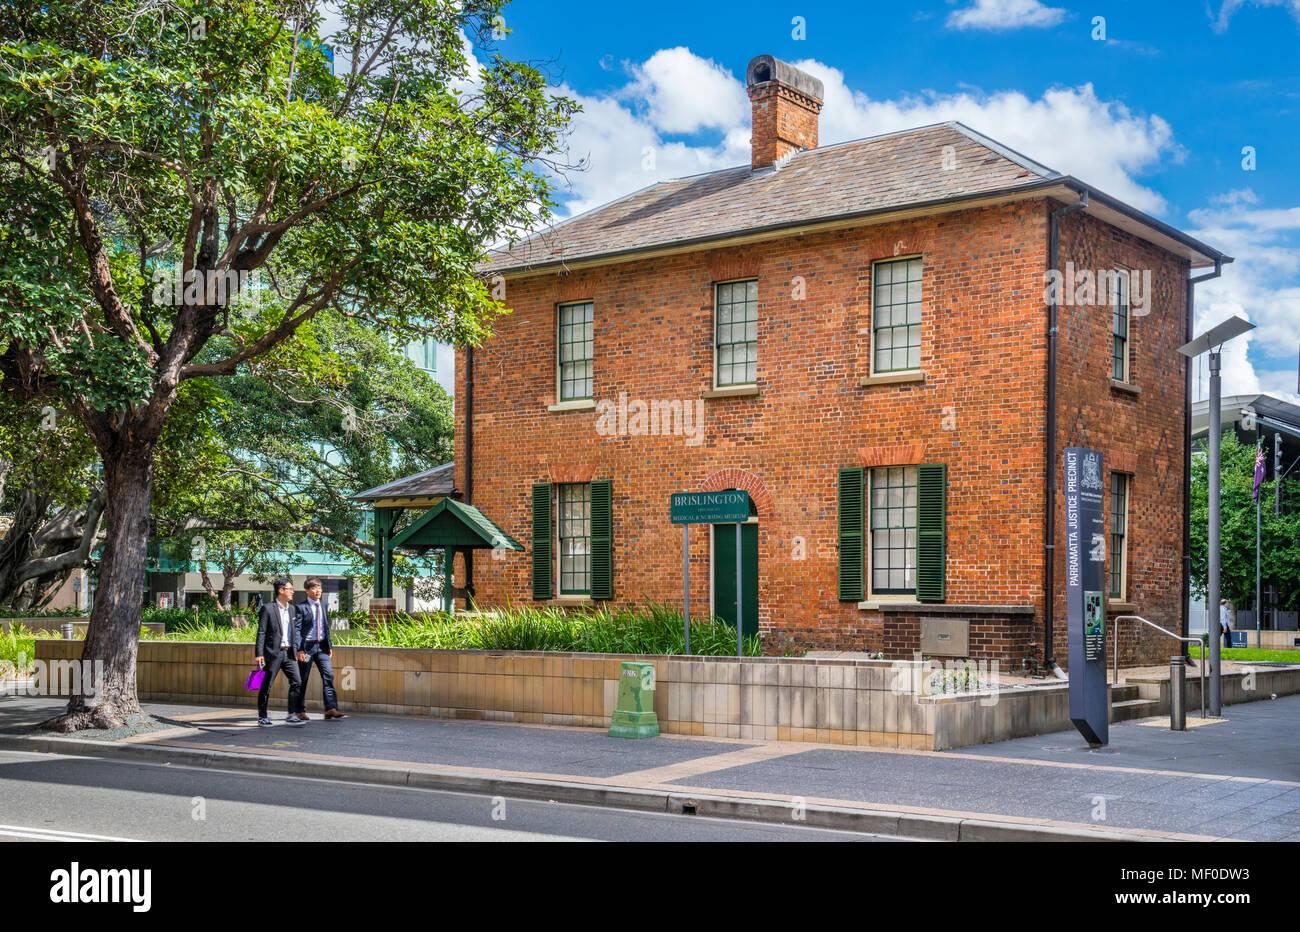 Médico y de enfermería Brislington museum, un edificio Georgiano de 1883 Parramatta, Mayor Western Sydney, New South Wales, Australia Foto de stock